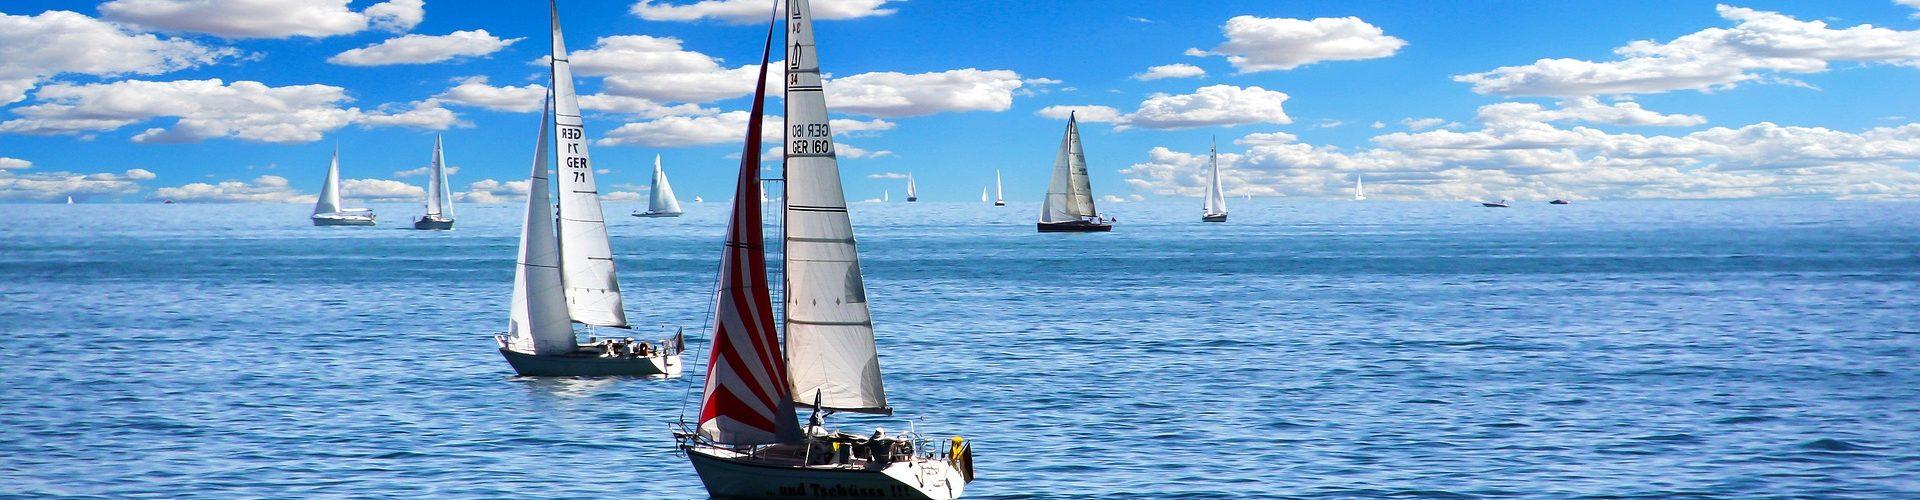 segeln lernen in Vohburg an der Donau segelschein machen in Vohburg an der Donau 1920x500 - Segeln lernen in Vohburg an der Donau